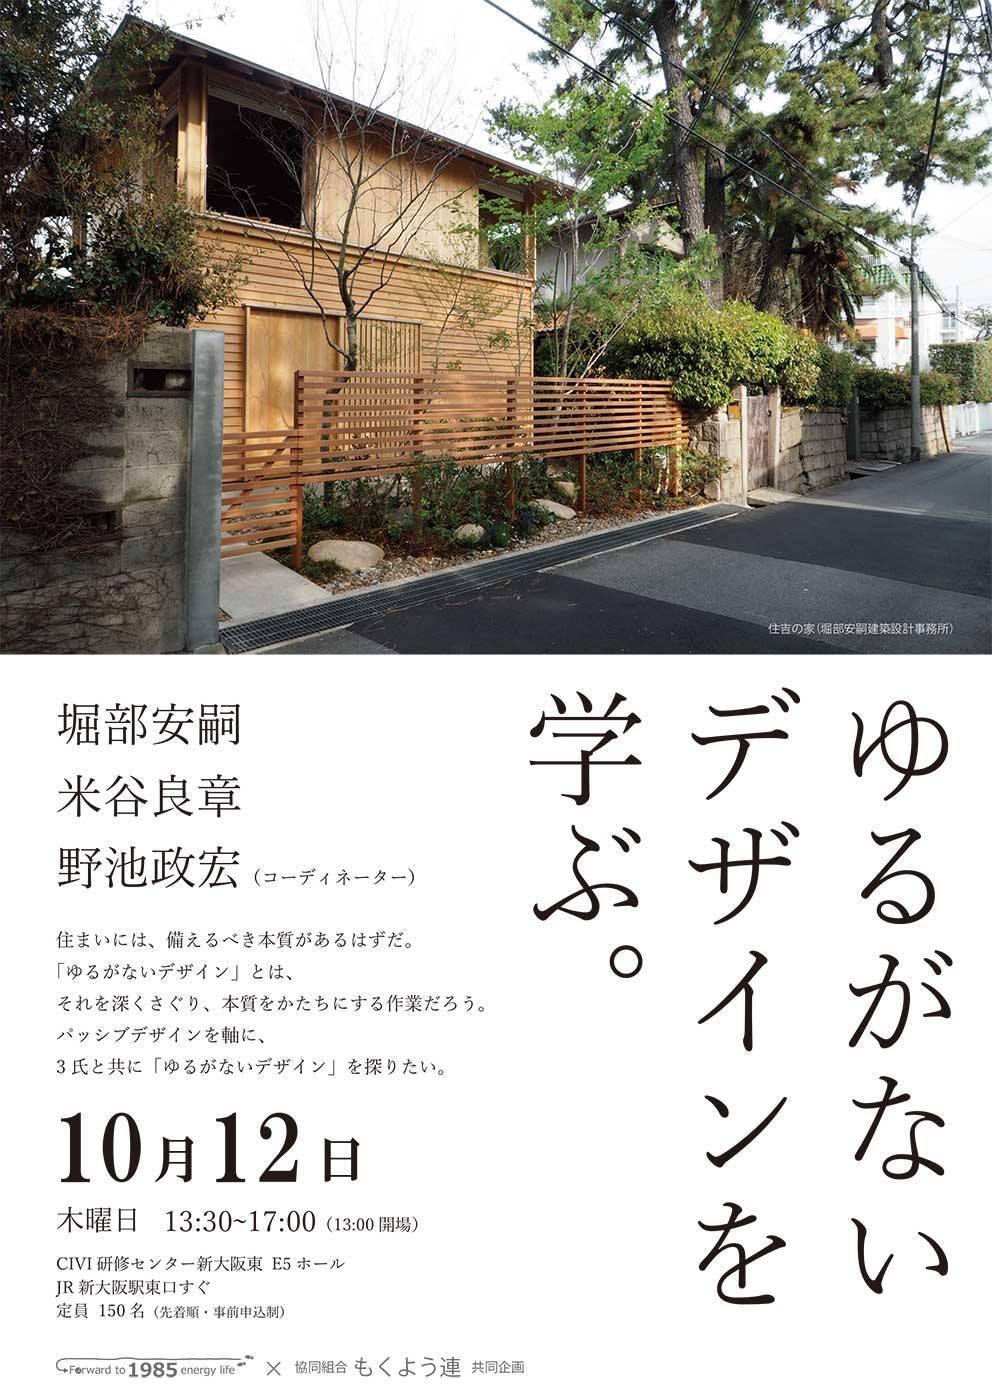 今年は、建築家 堀部安嗣さんの追っかけをやってます。笑!!_f0165030_10390659.jpg